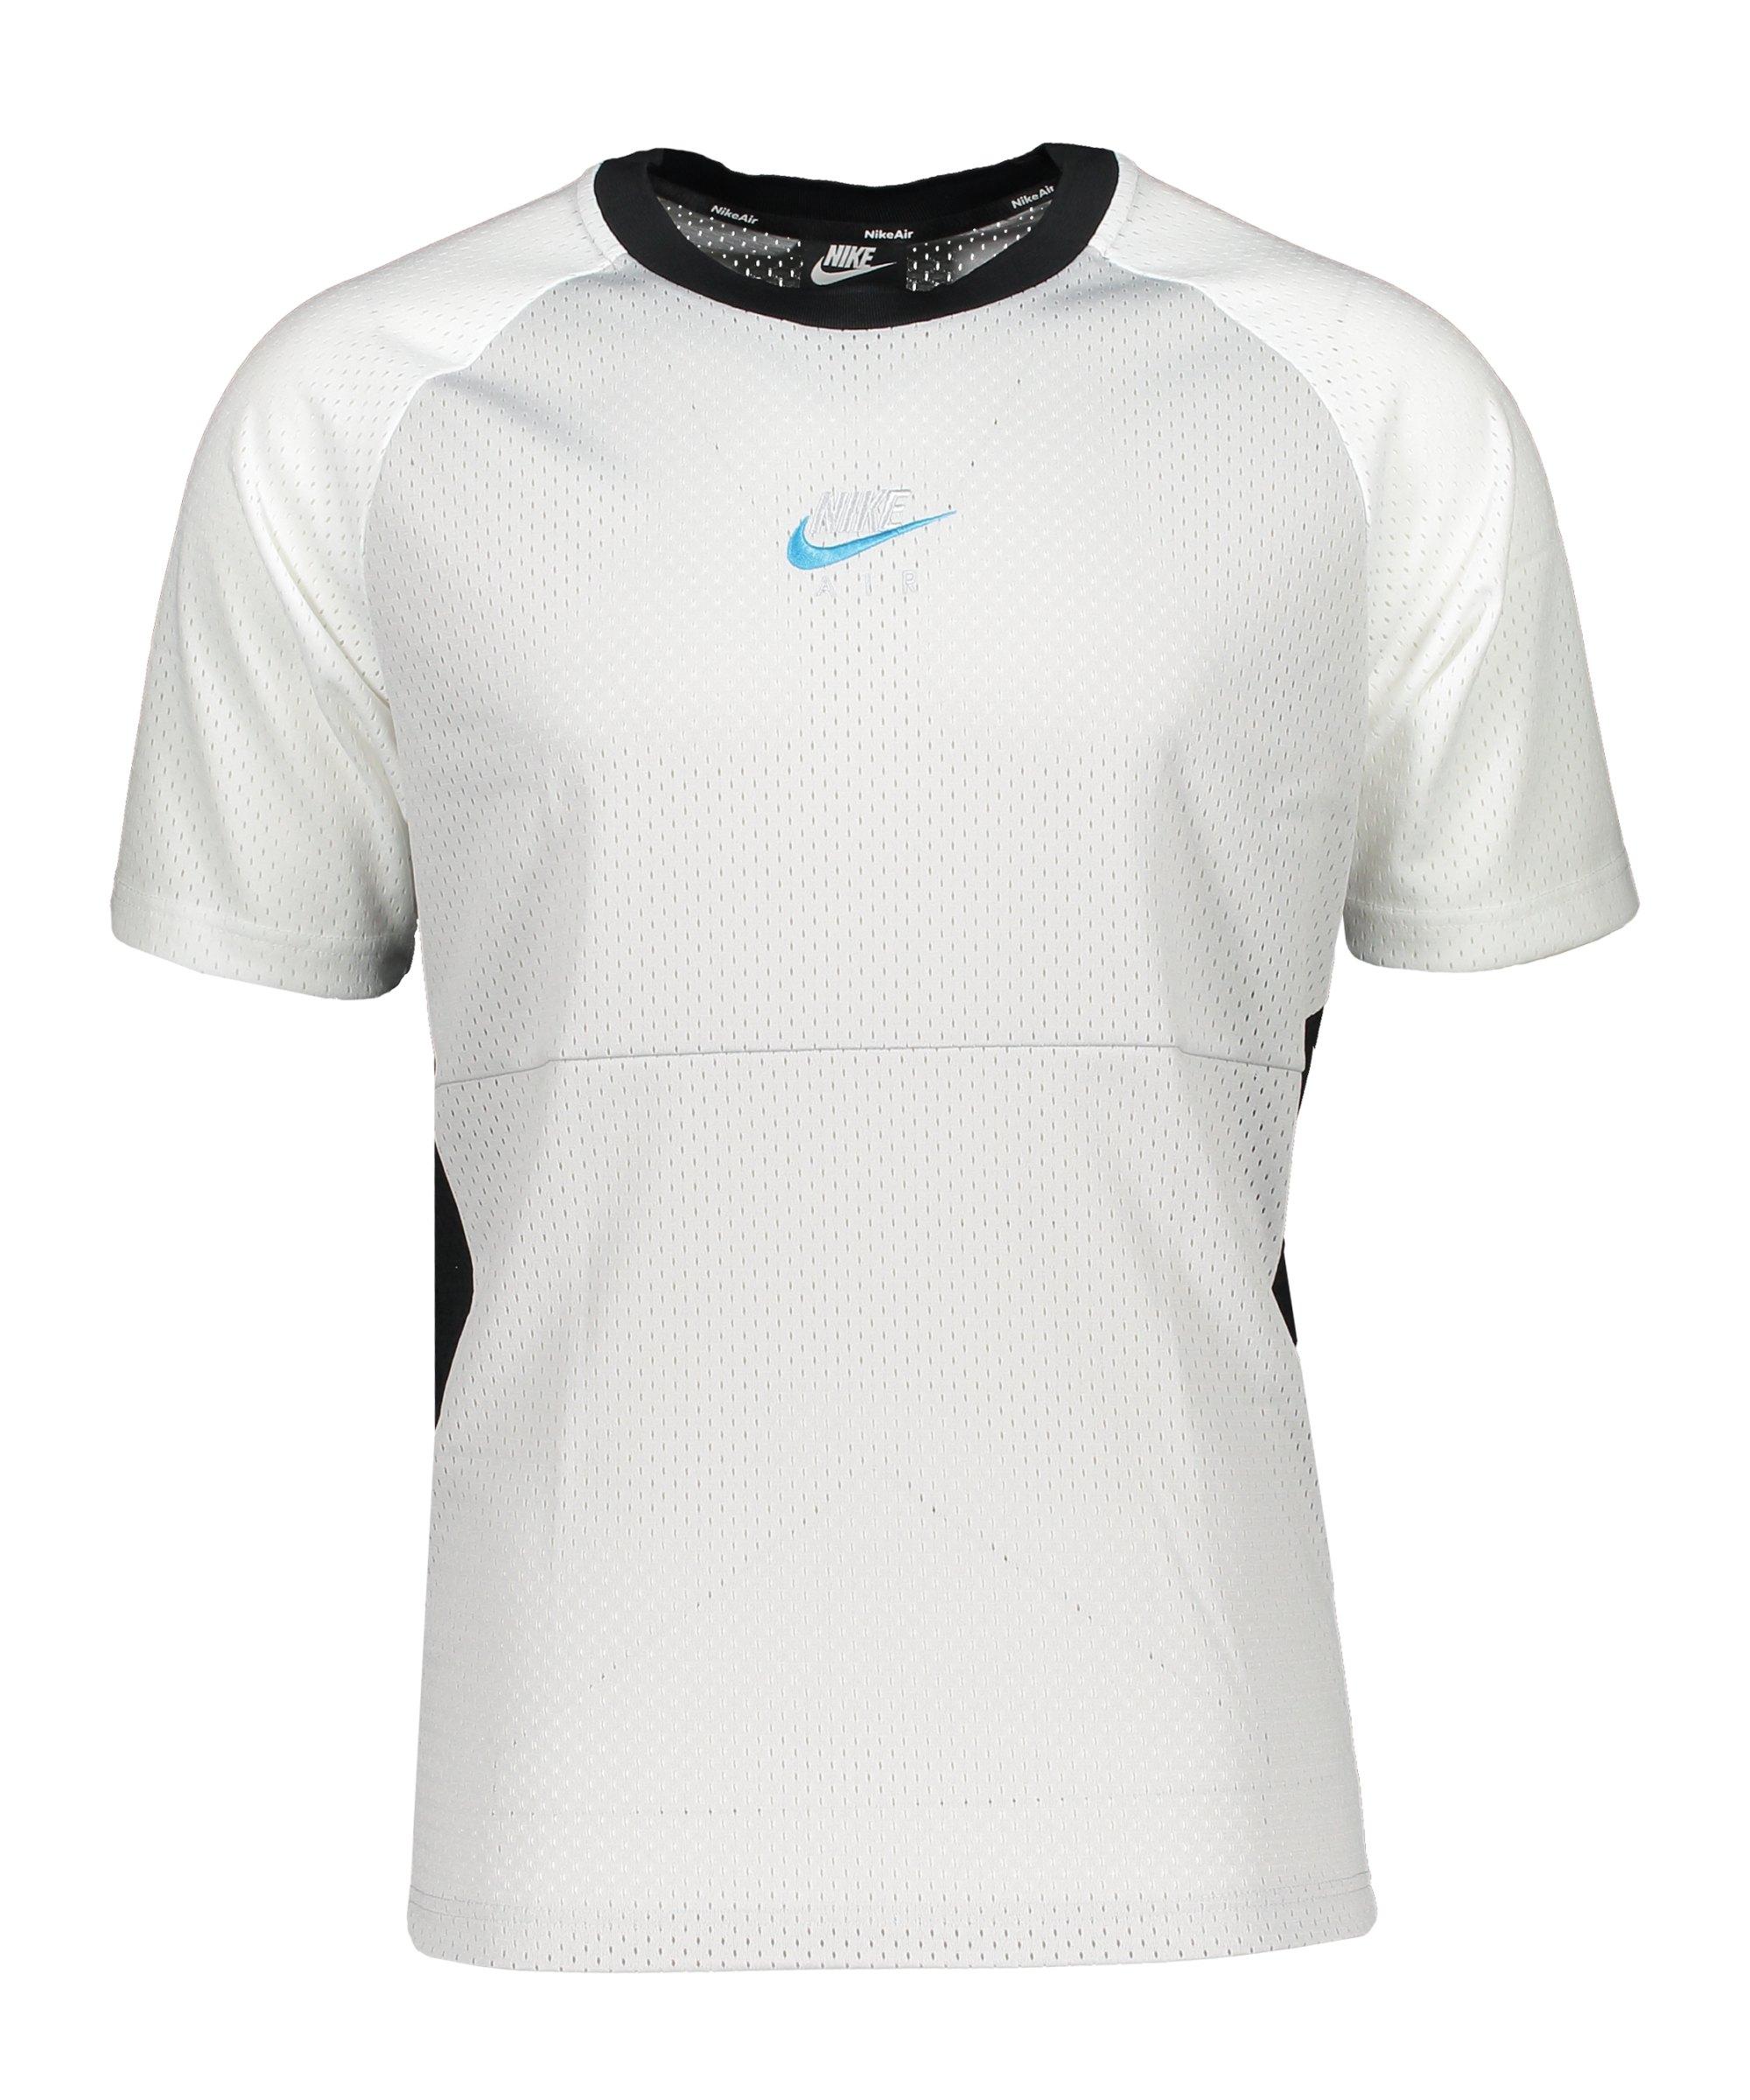 Nike Air T-Shirt Grau F097 - grau